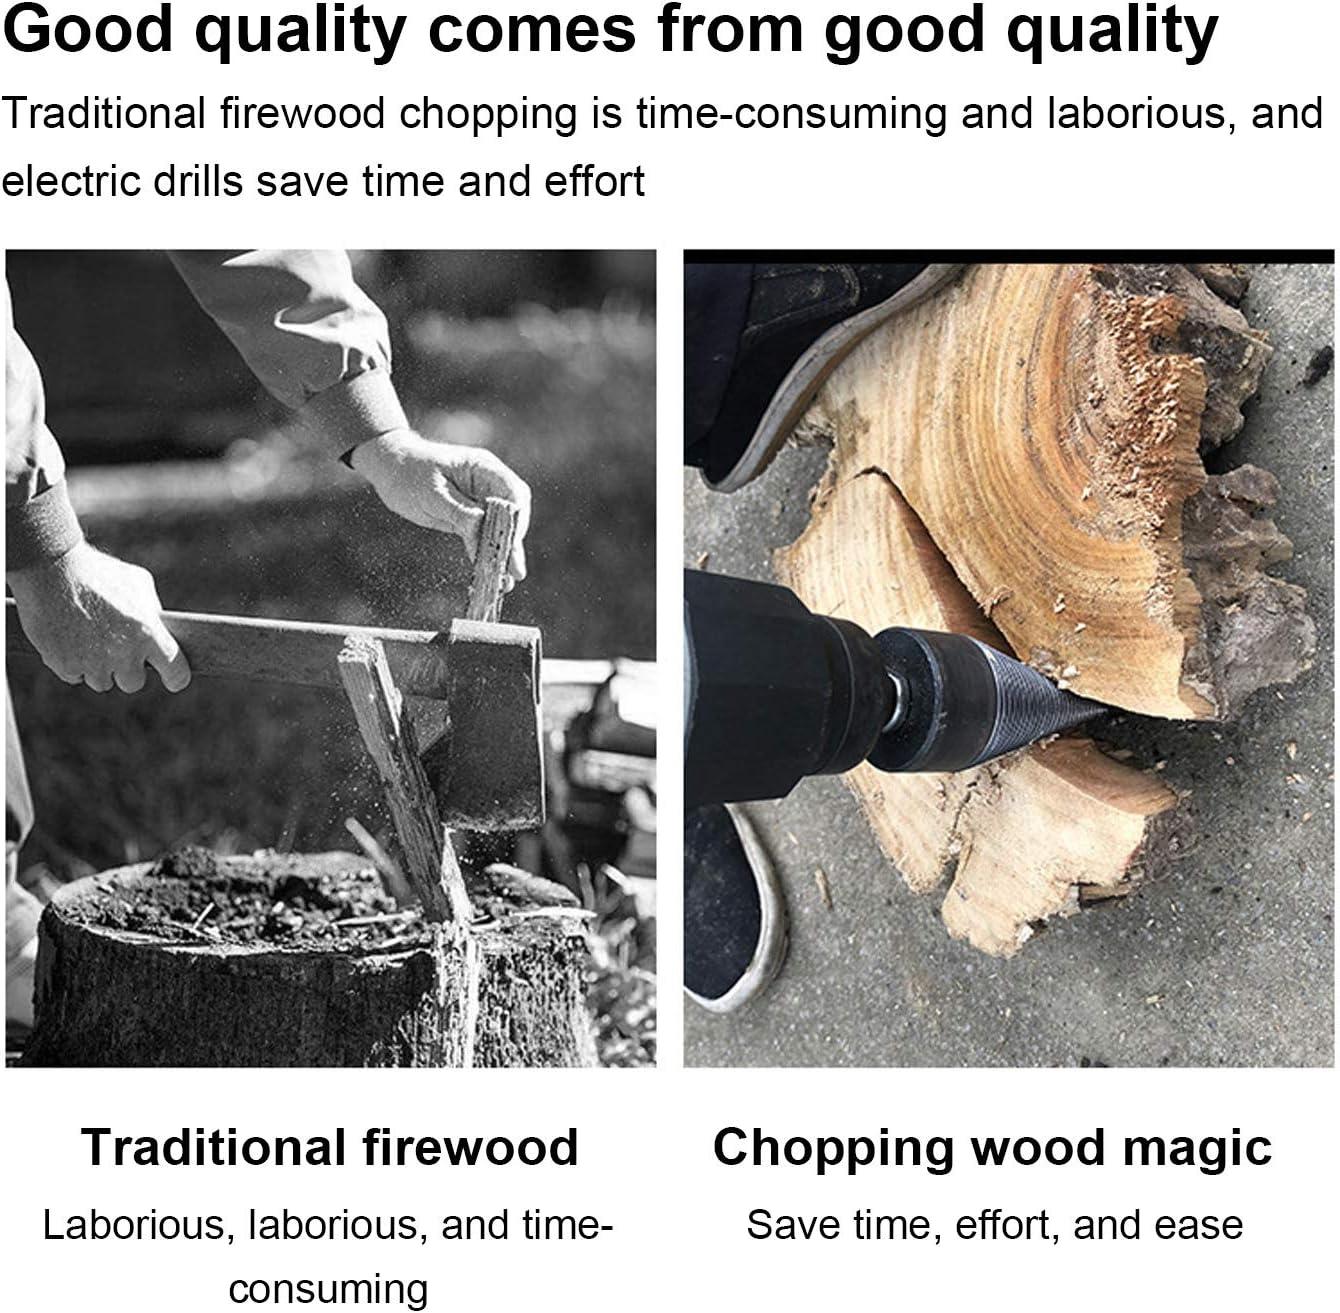 Hex+Square+Round Wood Splitter Screw Heavy Duty Drill Screw for Household Electric Drill Log Splitter Wedge Firewood Kindling Splitter Removable Firewood Log Splitter Drill Bit 3PCS 32mm